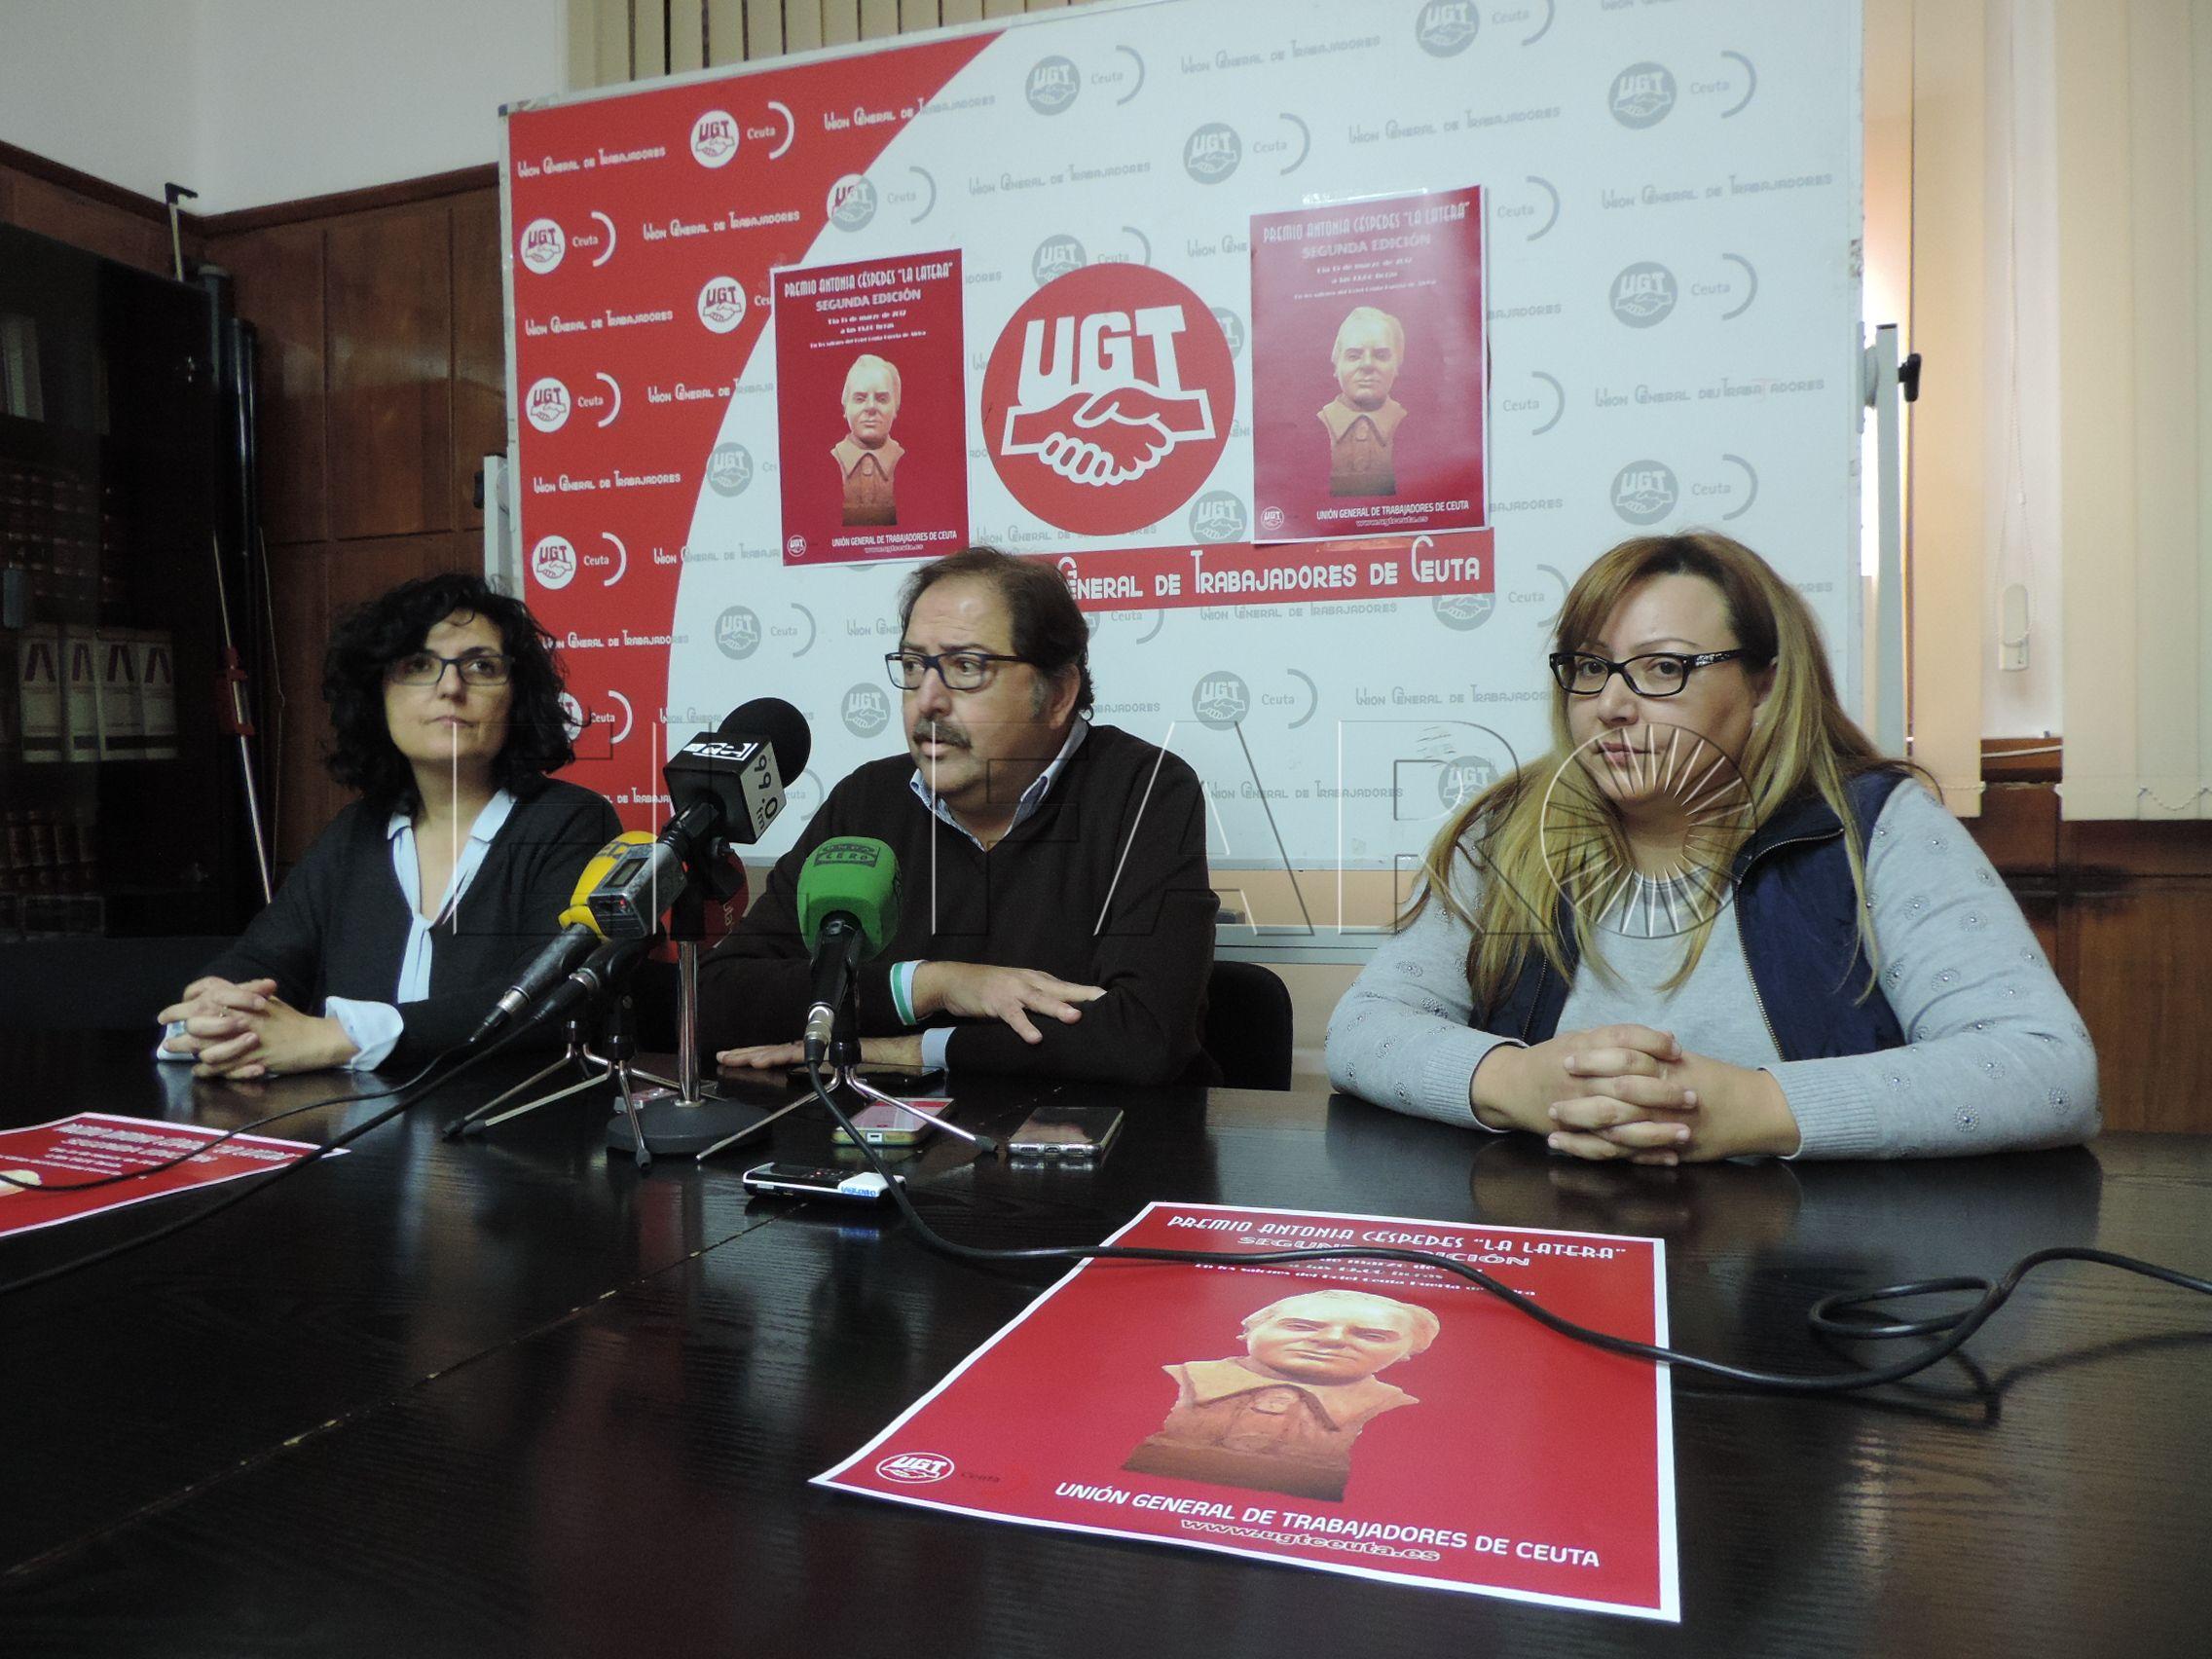 UGT busca recuperar la memoria histórica con el premio Antonia Céspedes 'La Latera'